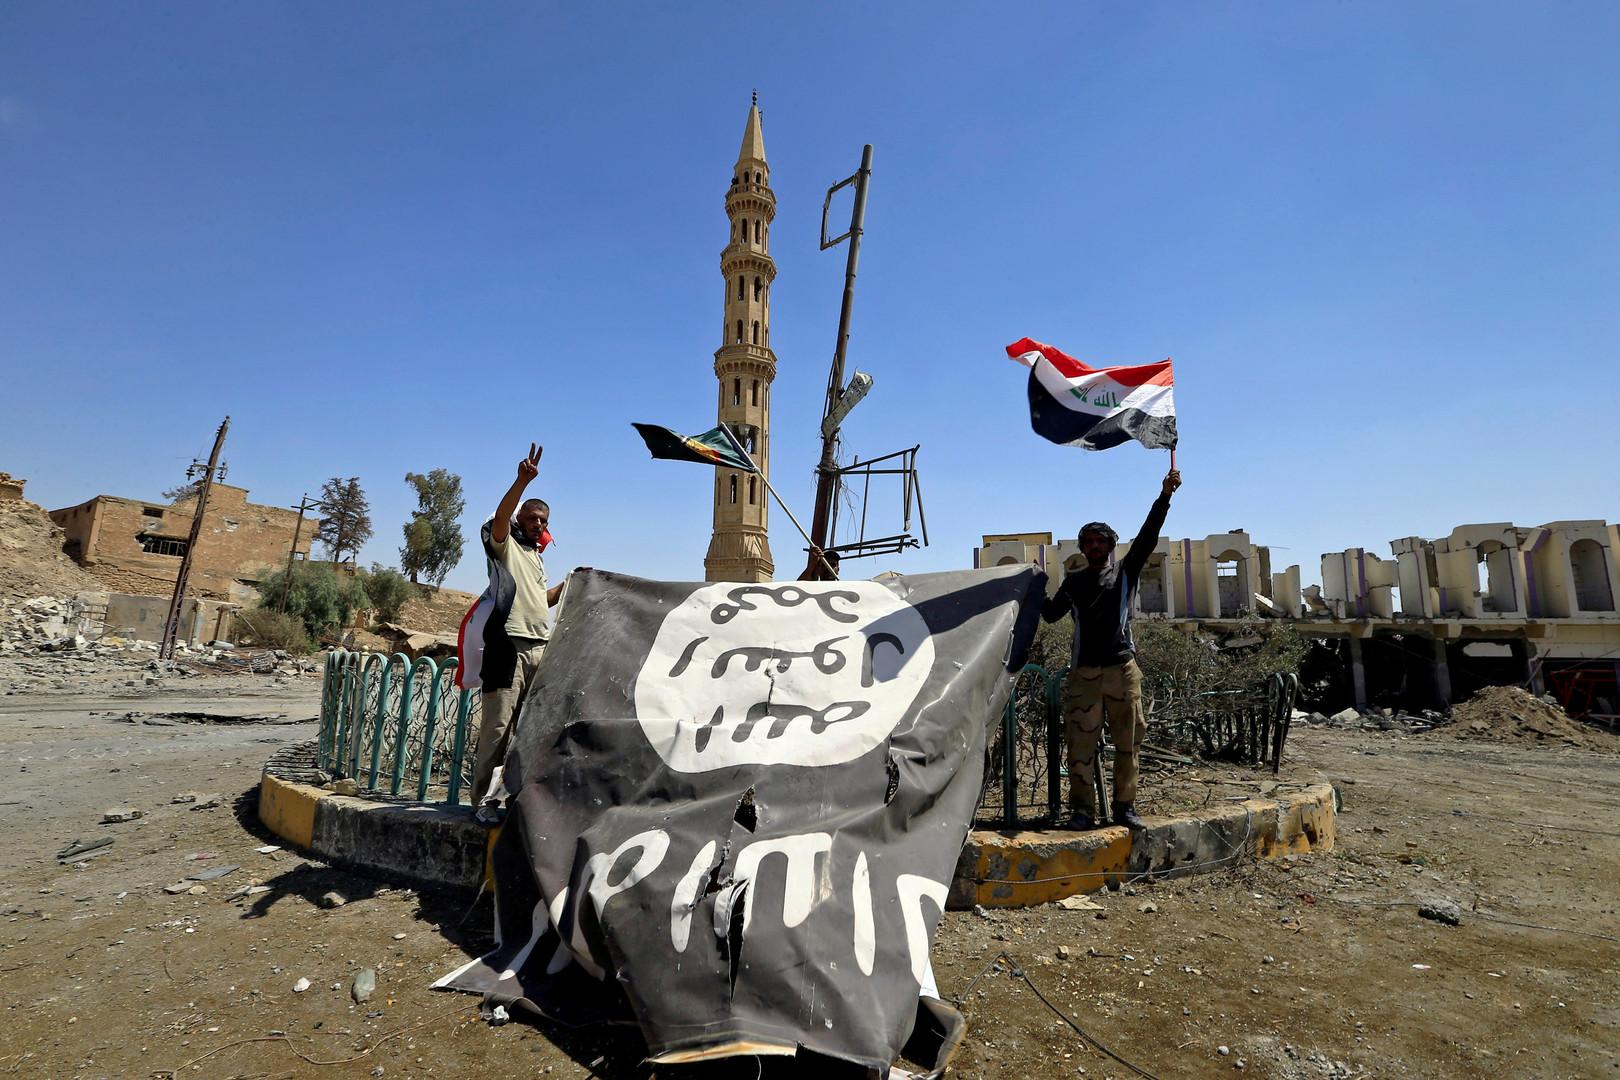 واشنطن بوست : ألف  داعشي  تسللوا من سوريا إلى العراق -